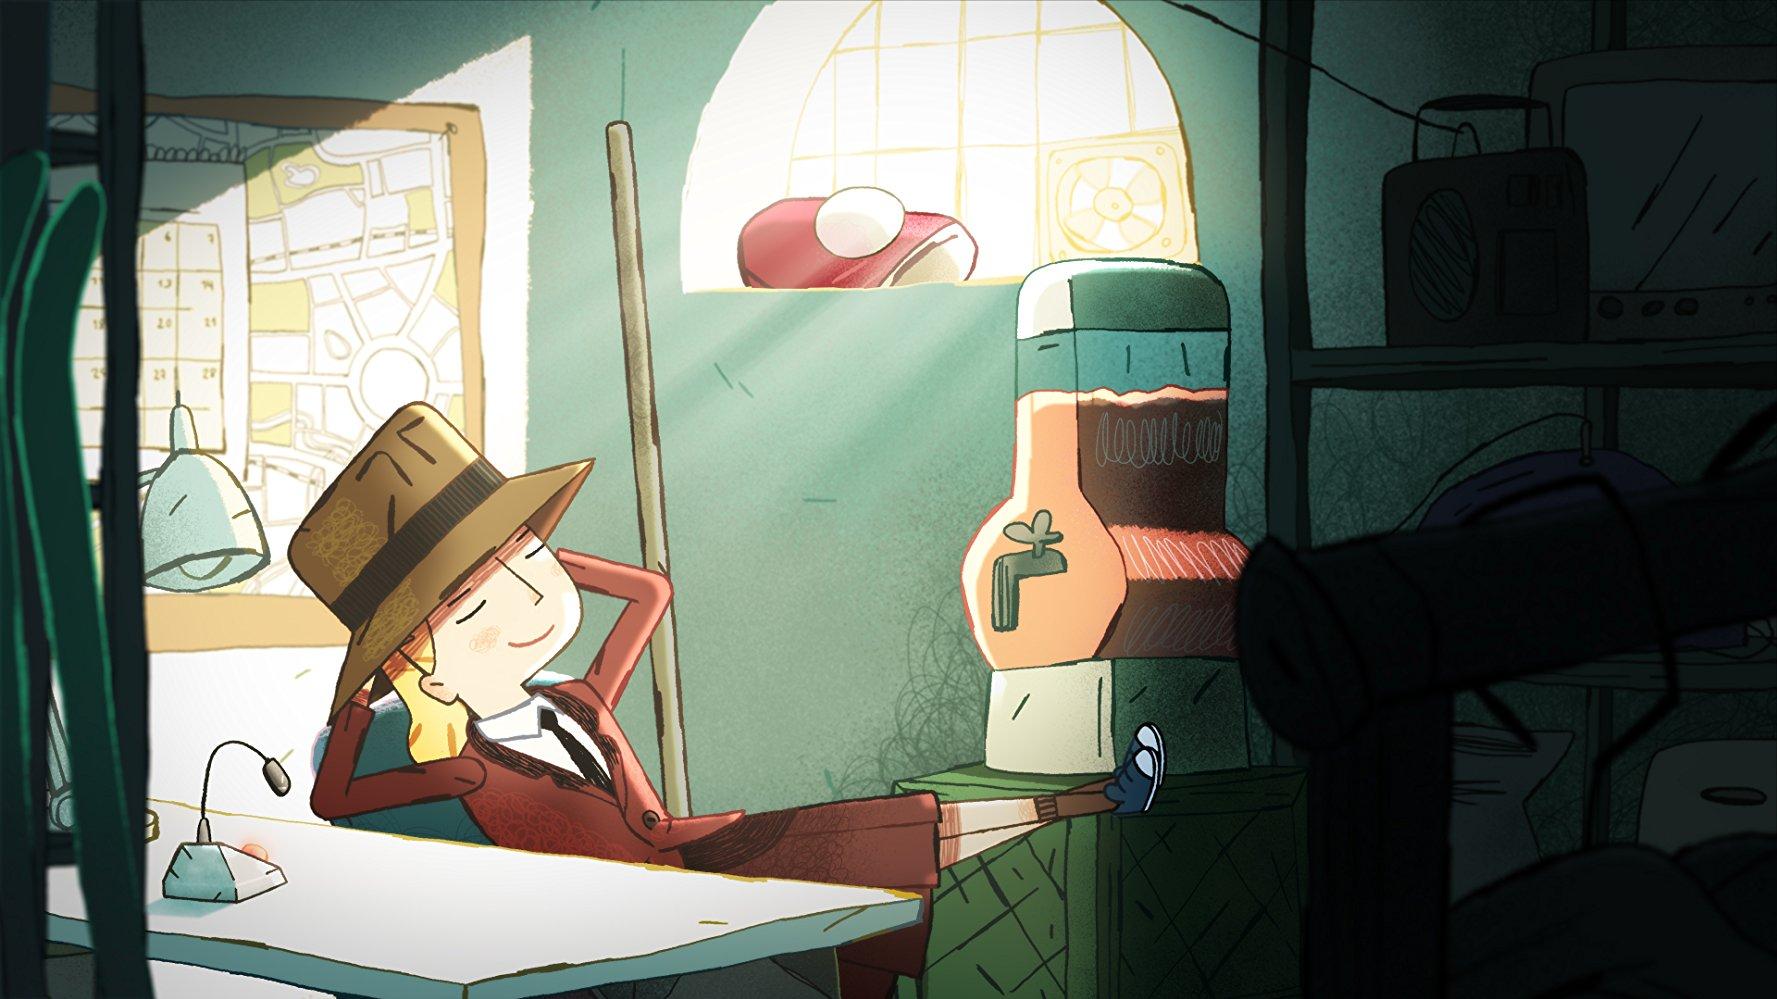 Literatura y animación con Karla von Bengtsson